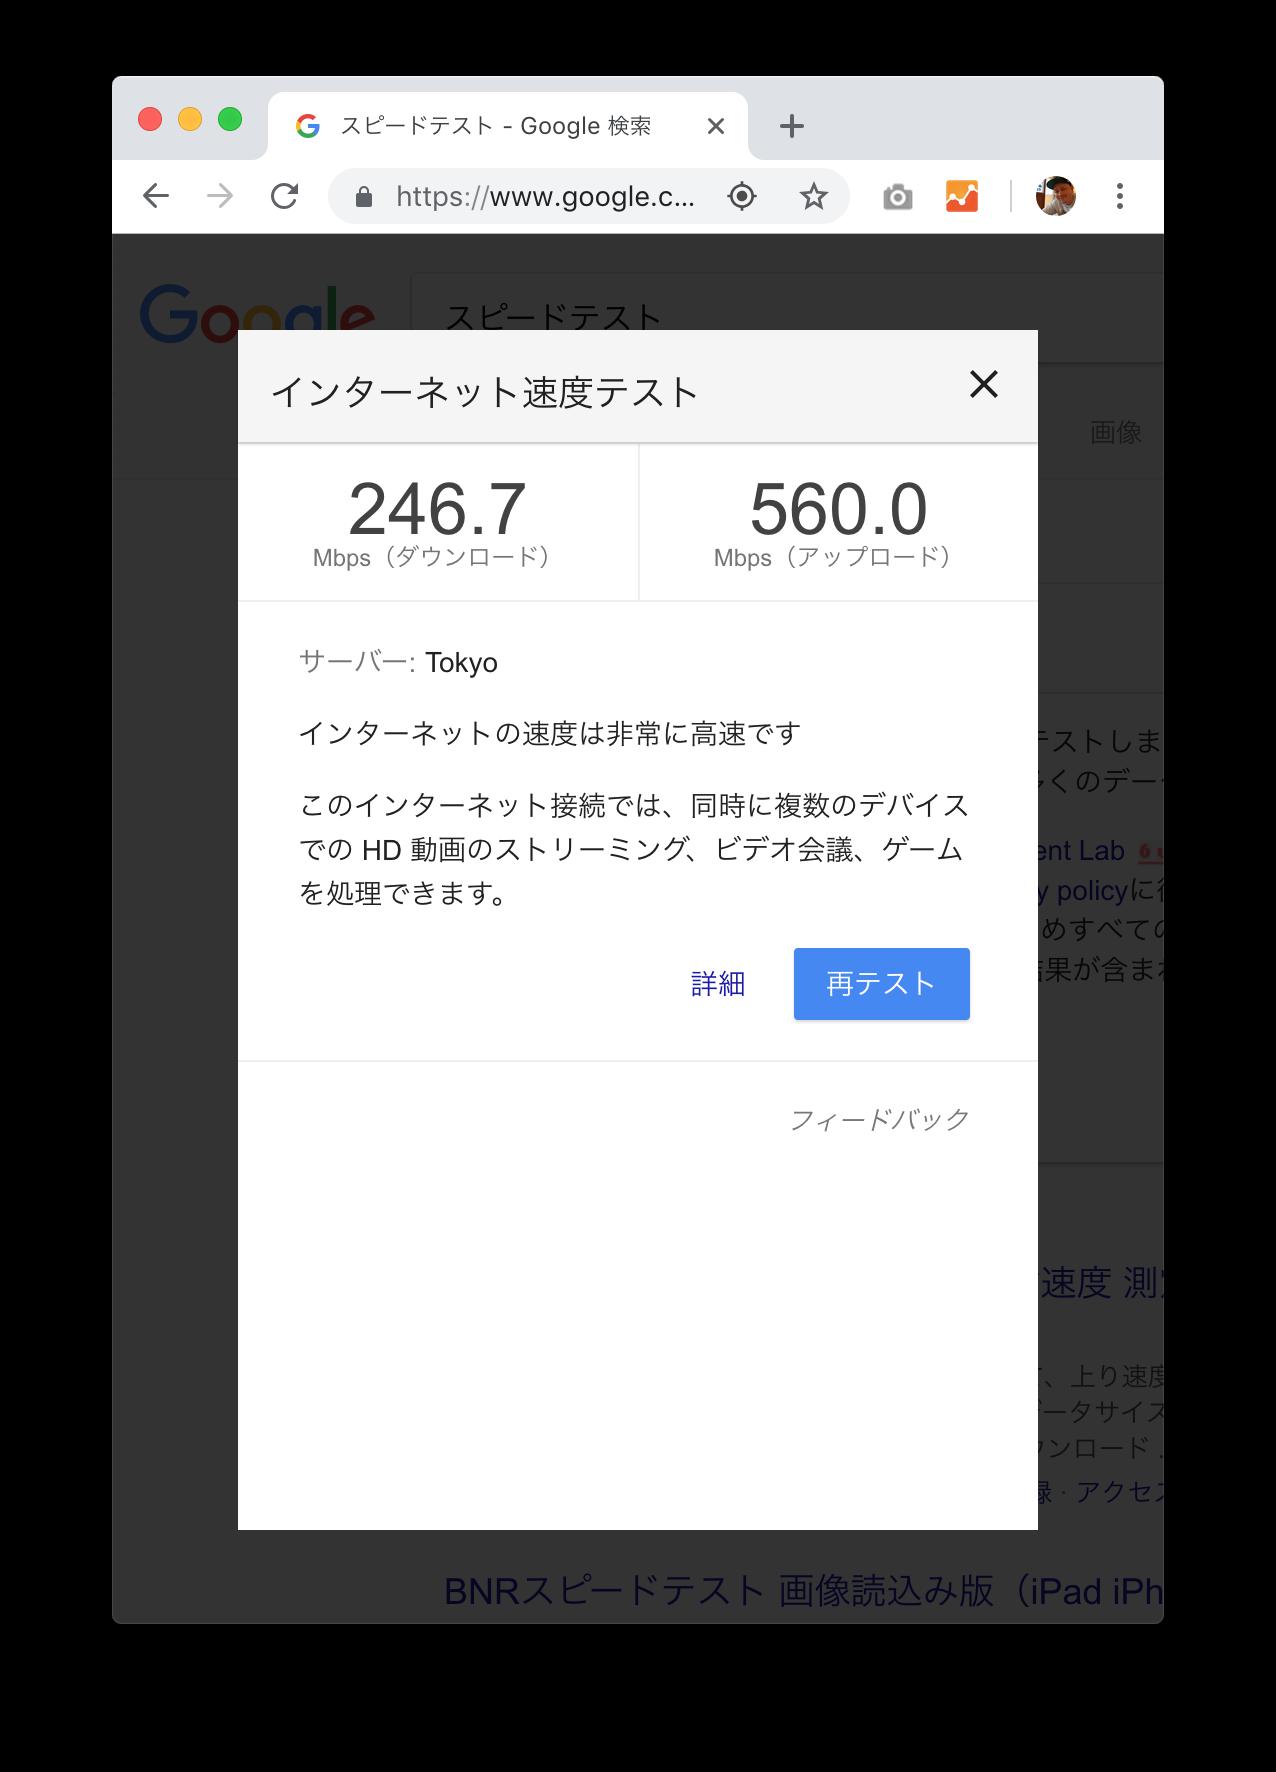 Google インターネット速度テストの結果